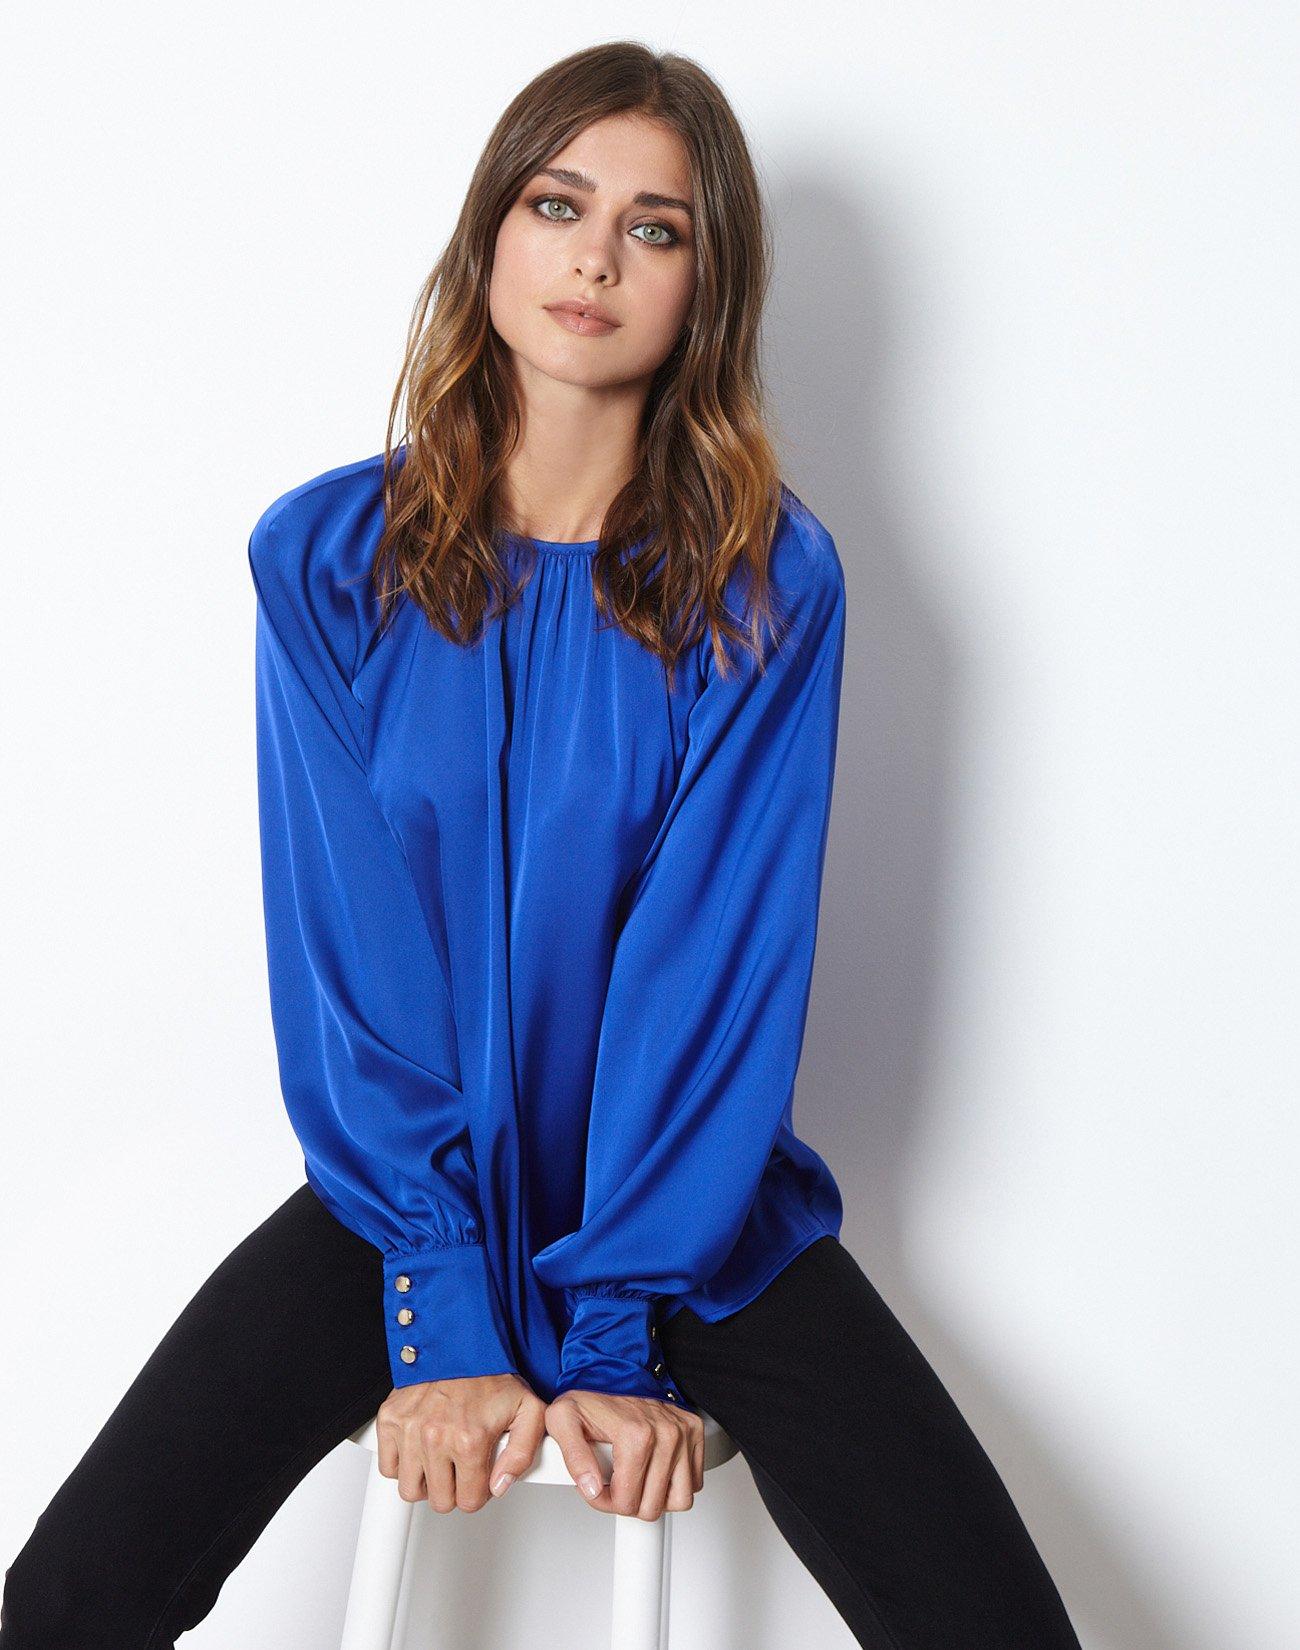 Σατέν μπλούζα με πιέτες